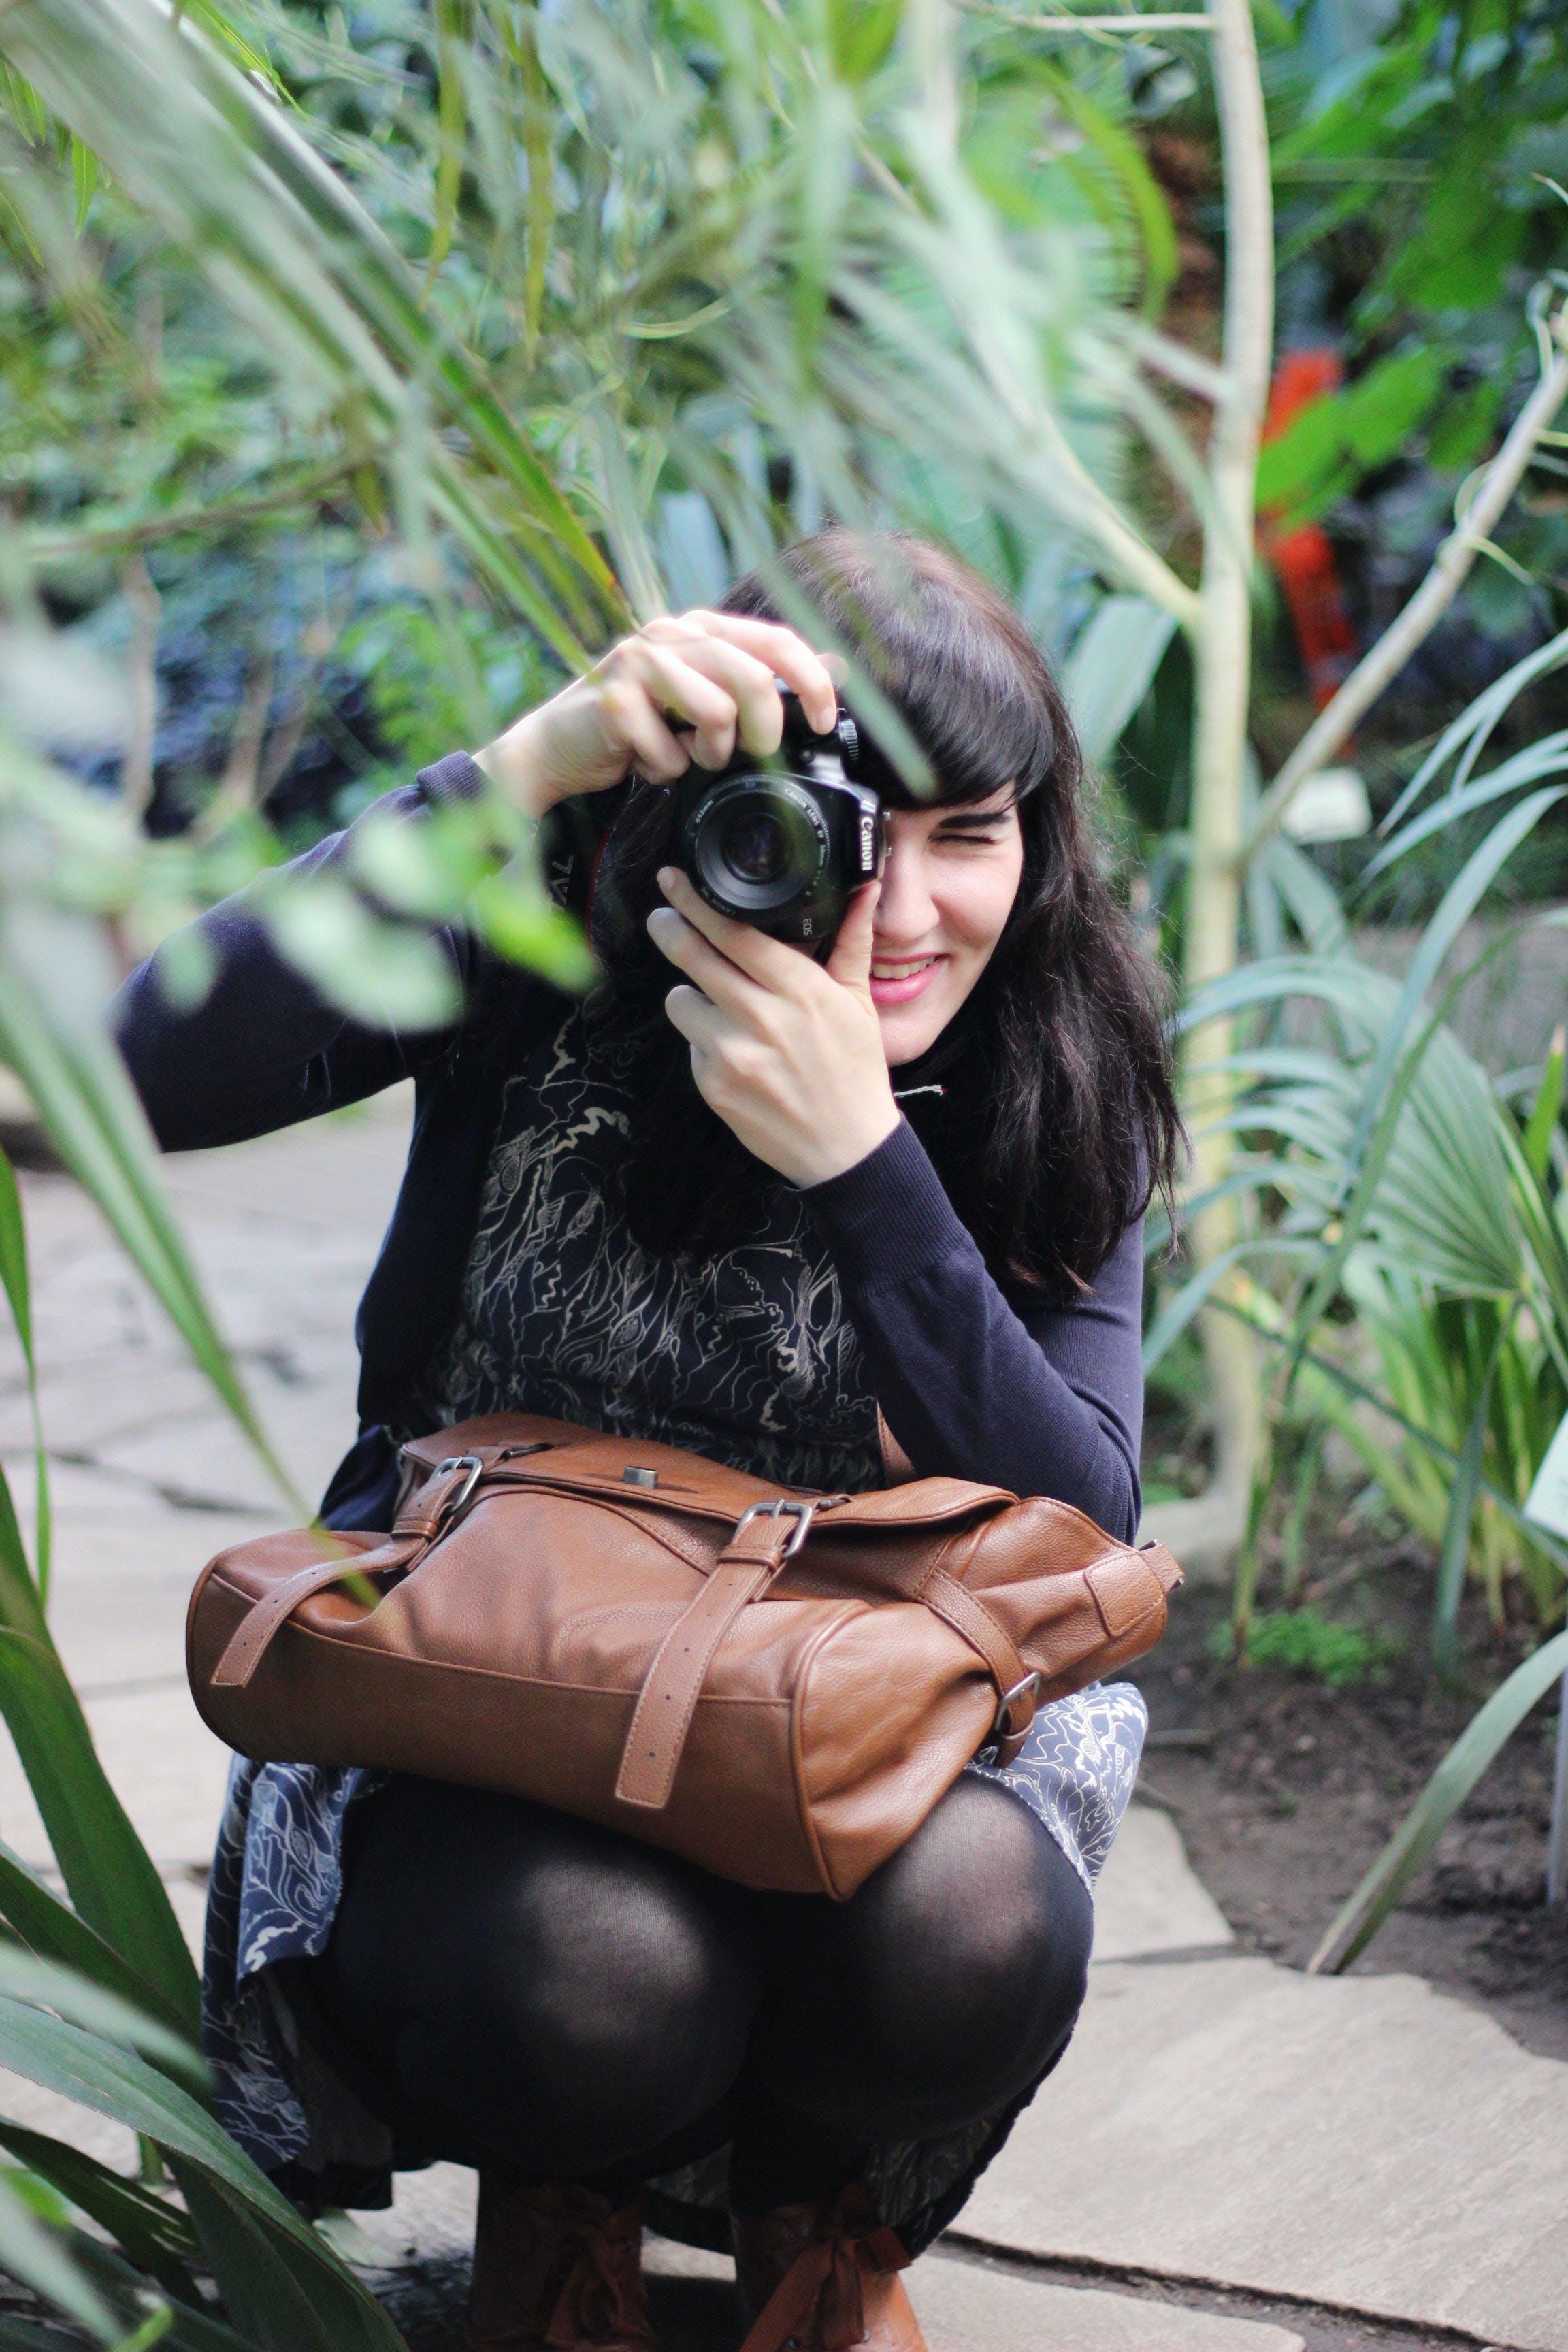 カメラ, スマイル, ドレス, パークの無料の写真素材